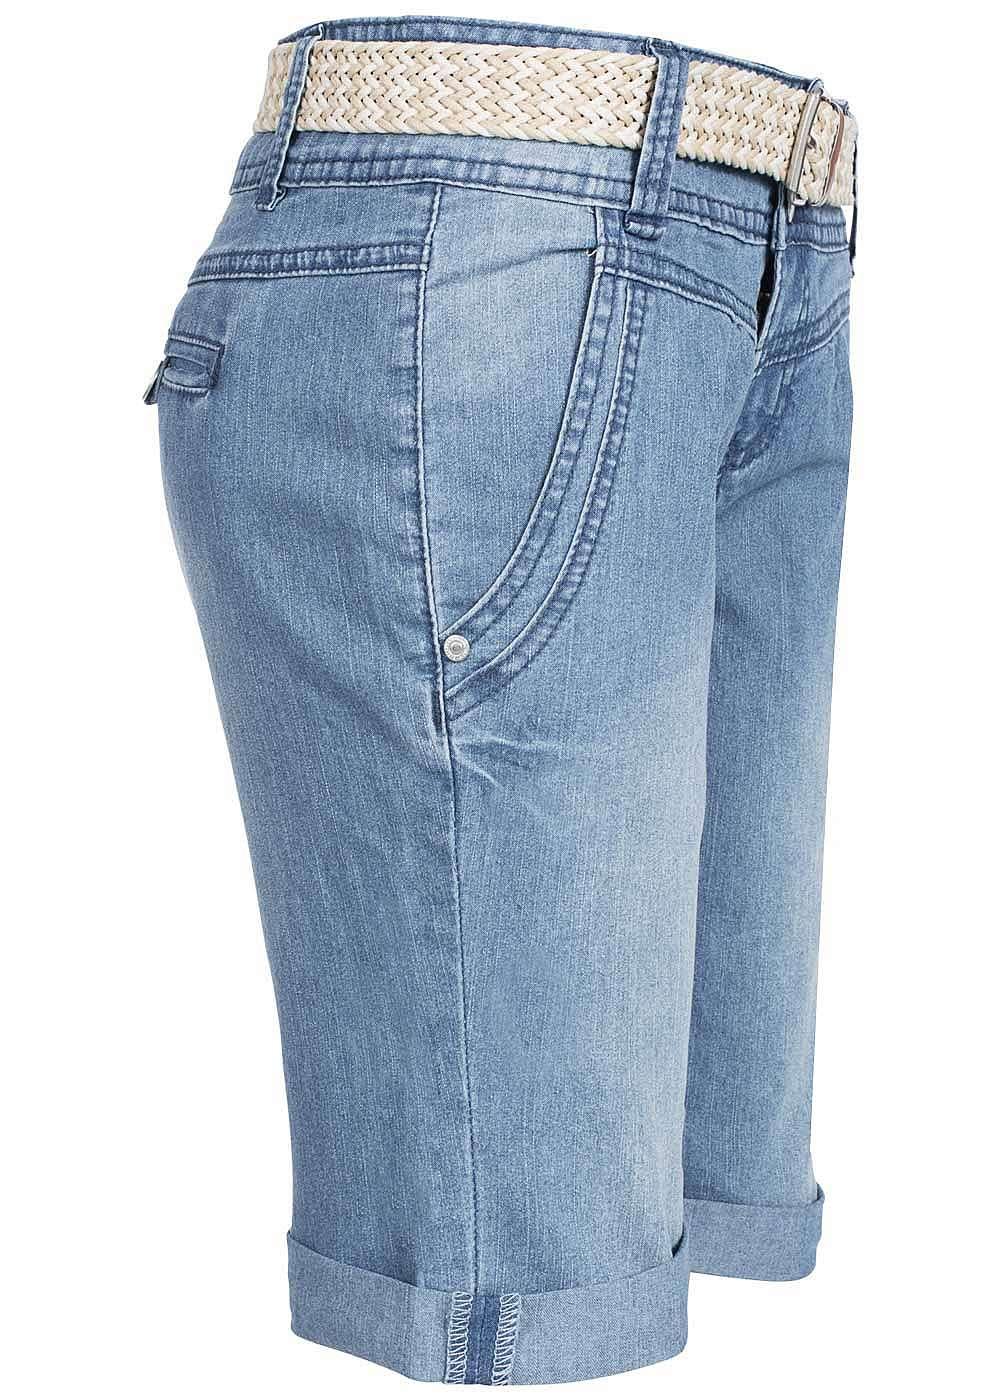 eight2nine damen jeans bermuda short g rtel 4 pockets by. Black Bedroom Furniture Sets. Home Design Ideas